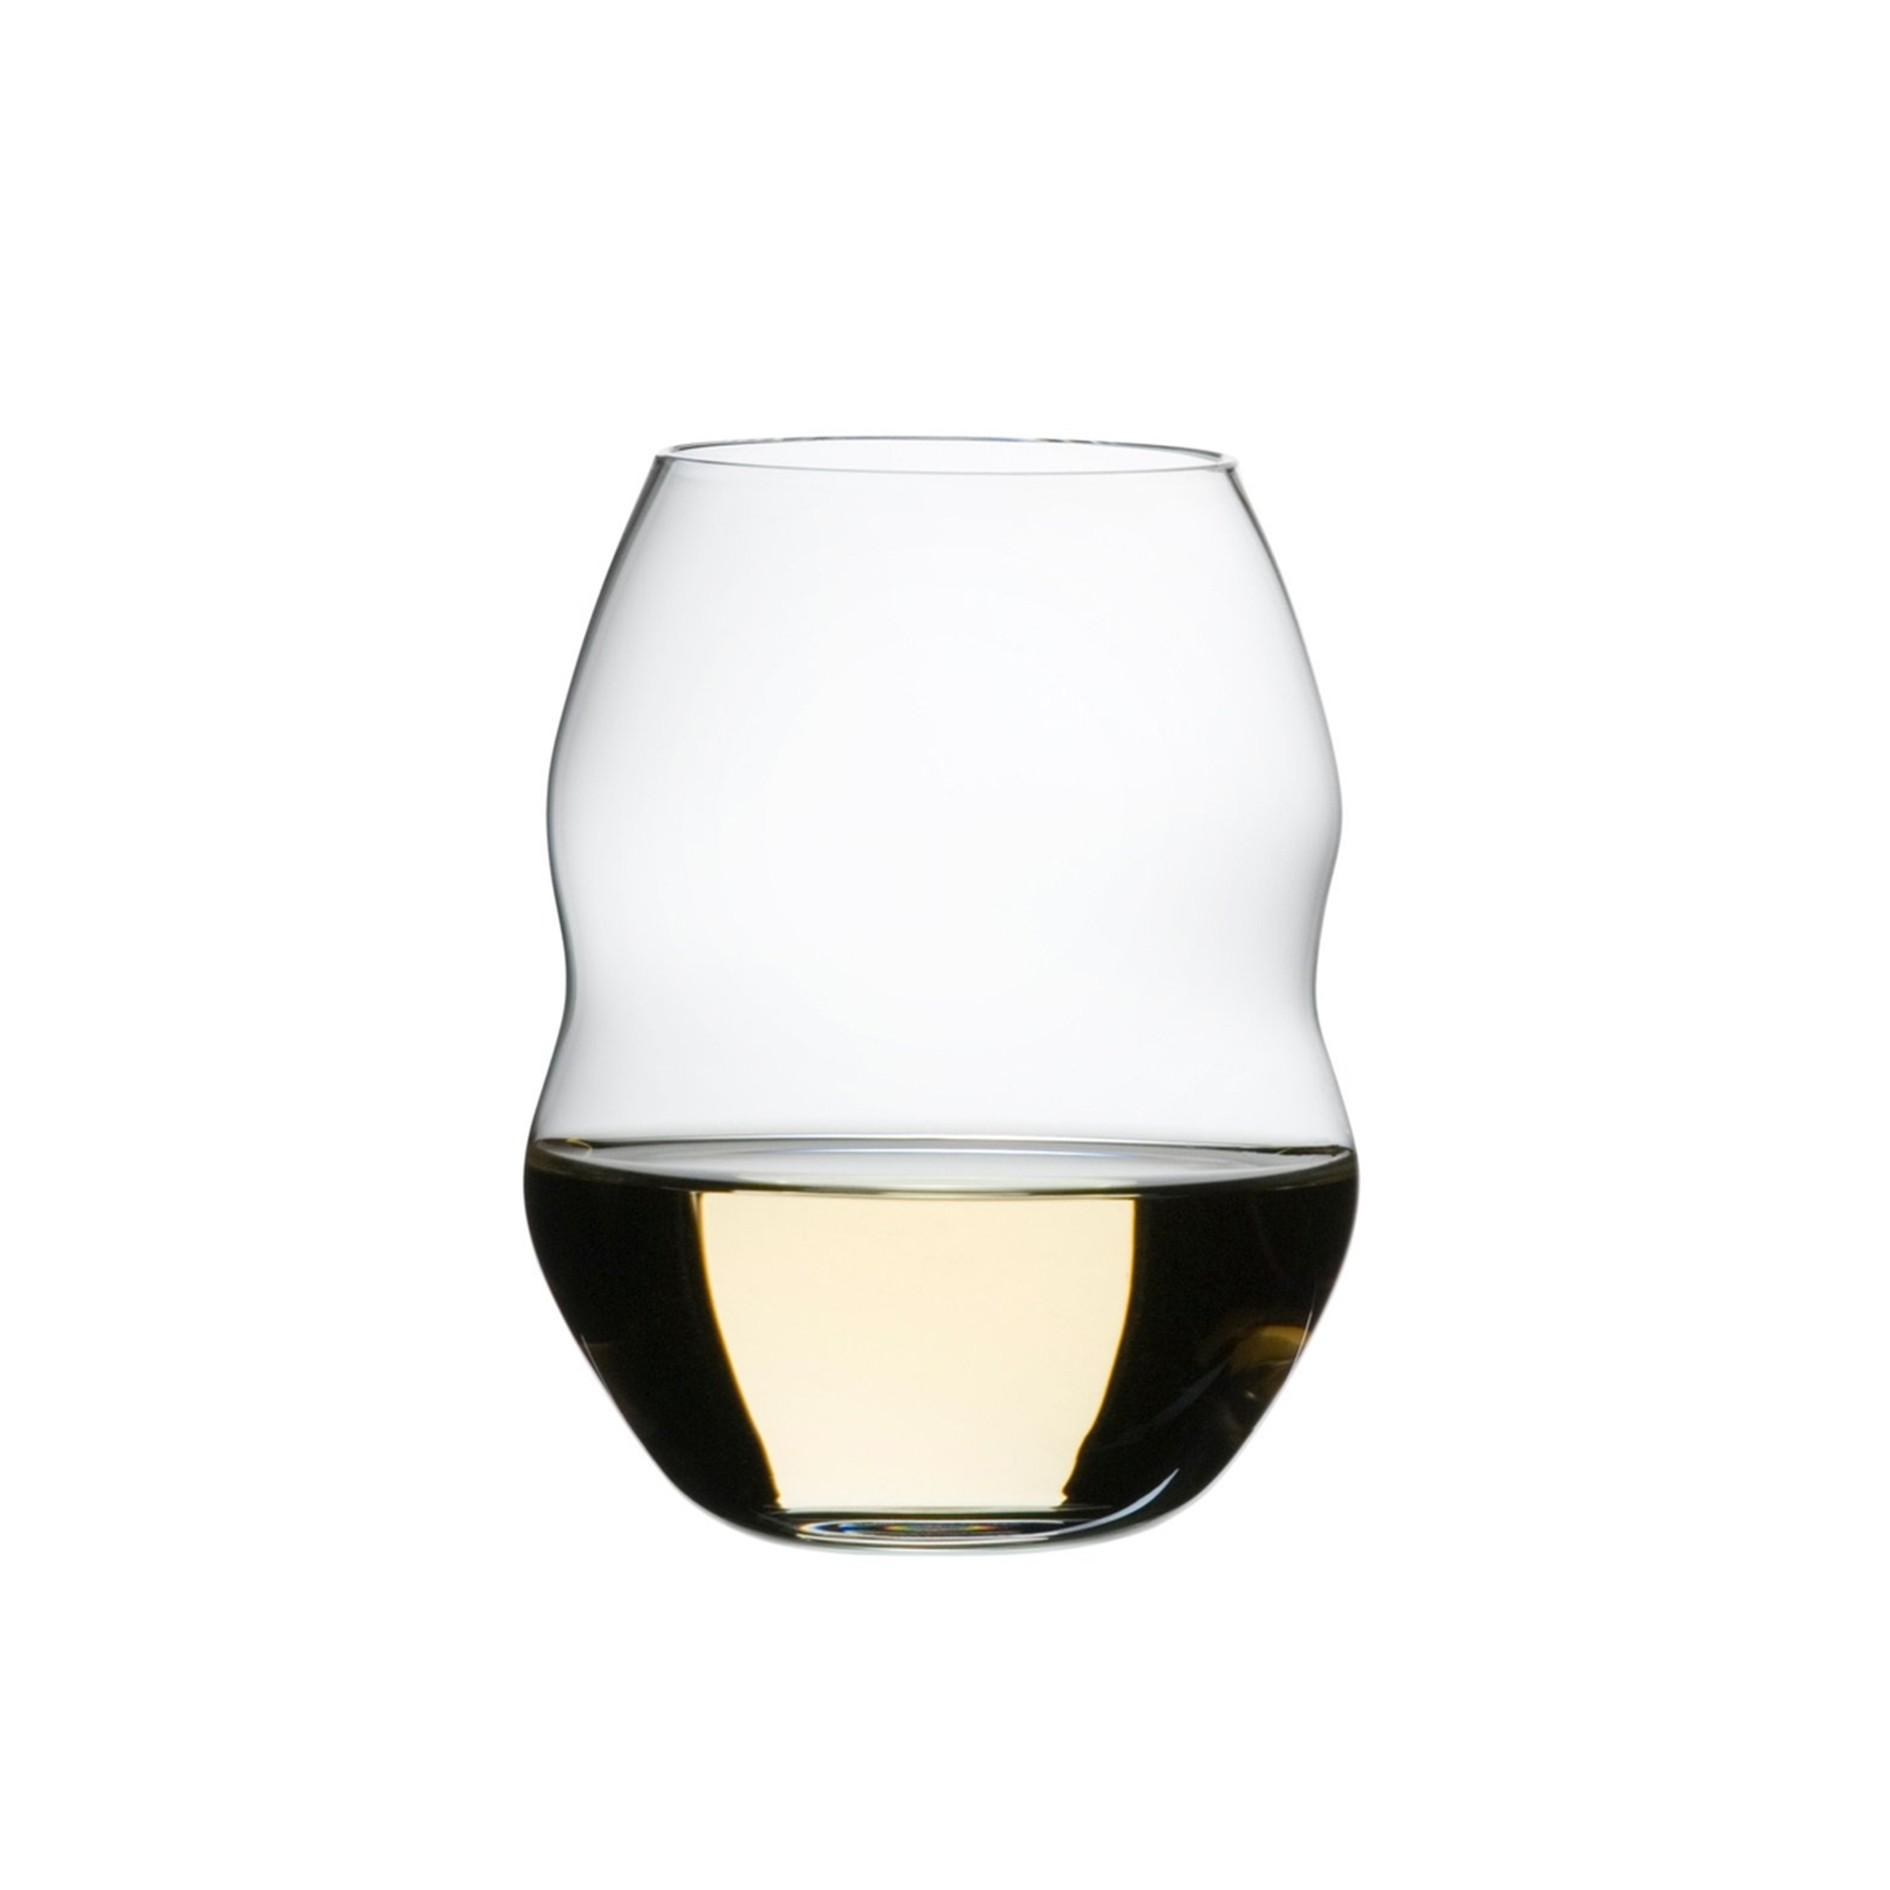 Vaso de Vino Swirl Blanco set de 12 SOLO DISPONIBLE EN CDMX